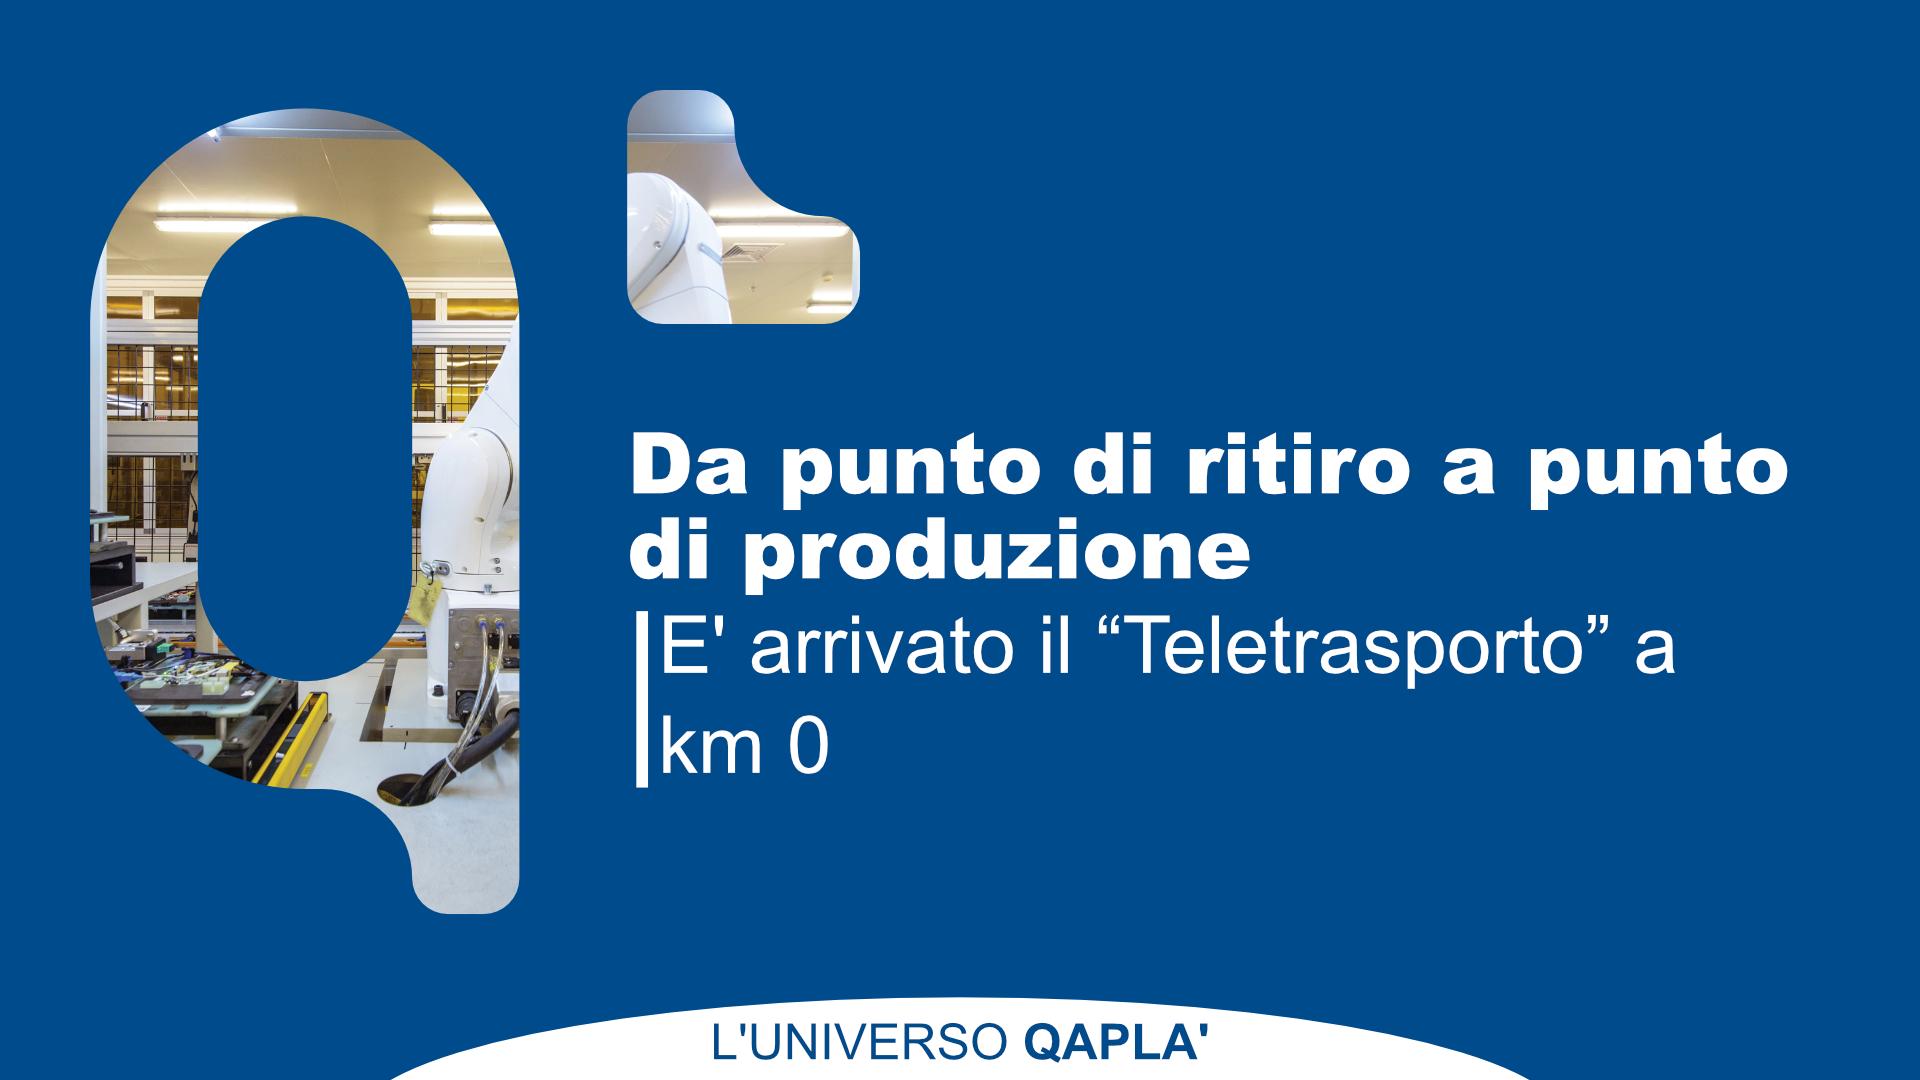 """Da punto di Ritiro a punto di produzione: è arrivato il """"Teletrasporto"""" a km 0"""